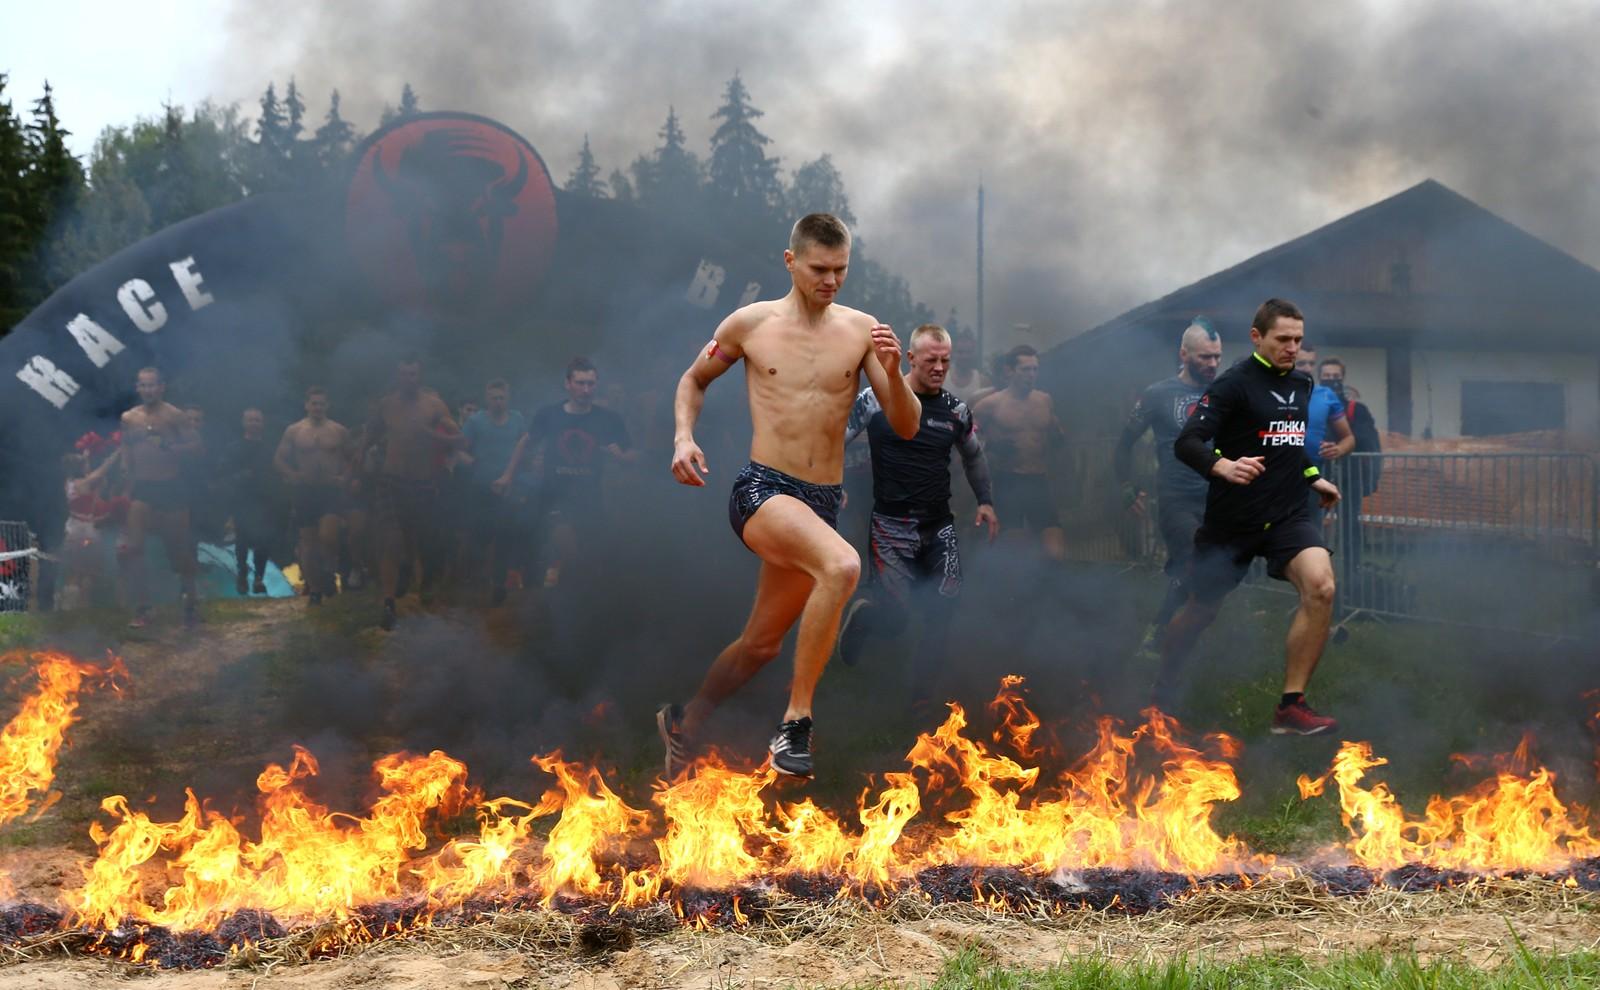 Deltakene i aksjon under Bisonløpet, som er et ekstremt hinderløp, ved landsbyen Logoisk i Hviterussland 17. september.